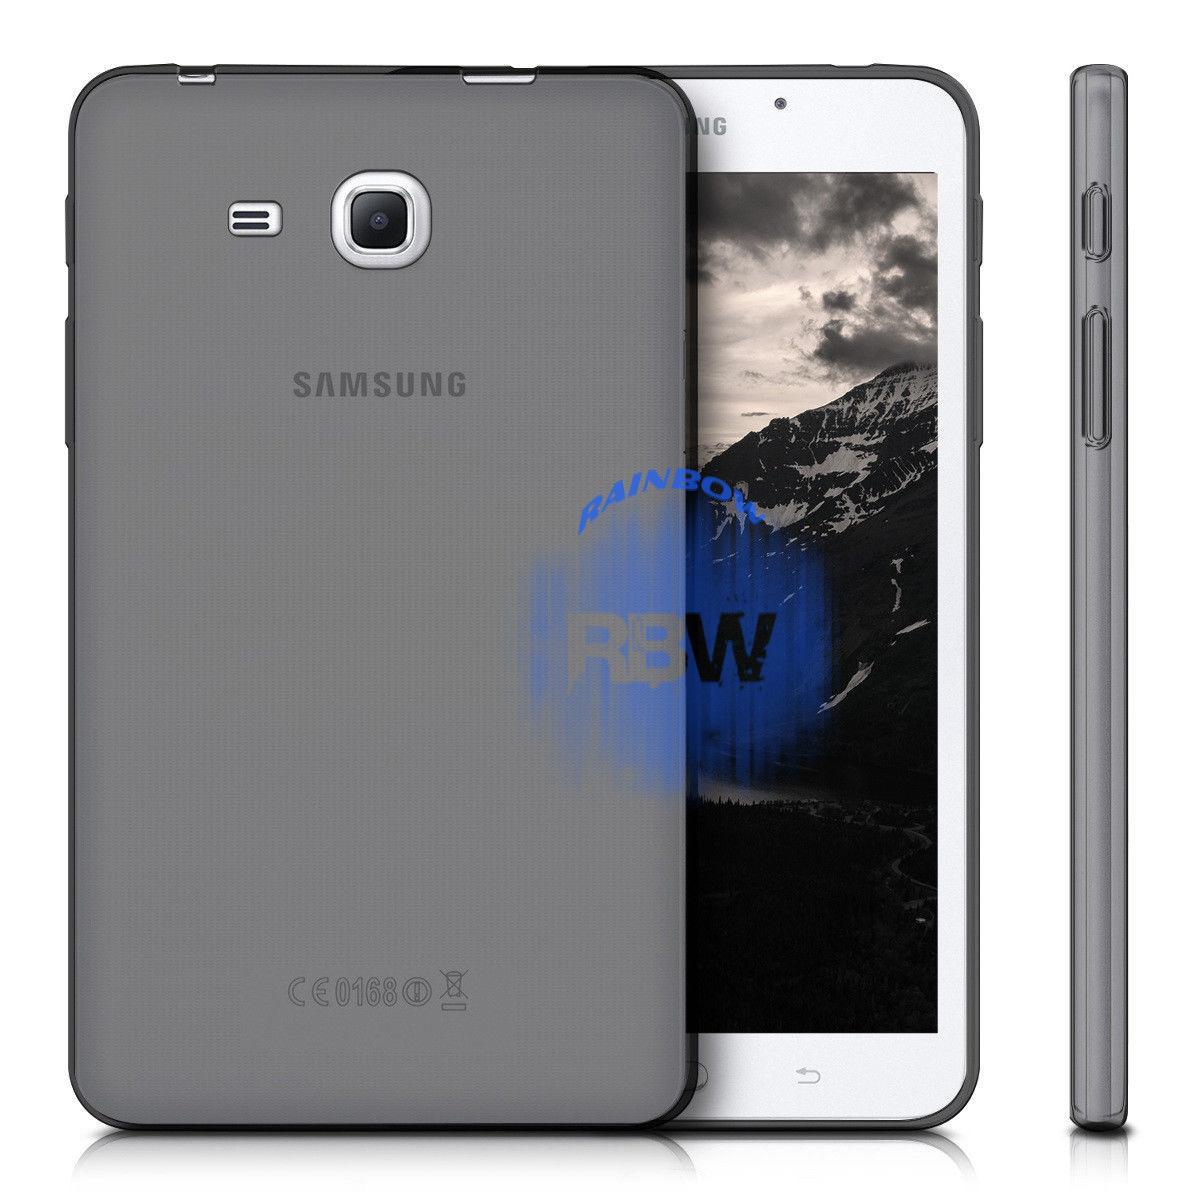 Rainbow Silikon Case Samsung Galaxy Tab A (2016) T280 T285 7.0 inch / Ultrathin Samsung Tab T285 / Jelly Case Samsung T280 / SoftCase Samsung Tab A 7.0 T285 / Silikon / Casing Samsung Tab T285 / Casing Samsung - Hitam Transparan